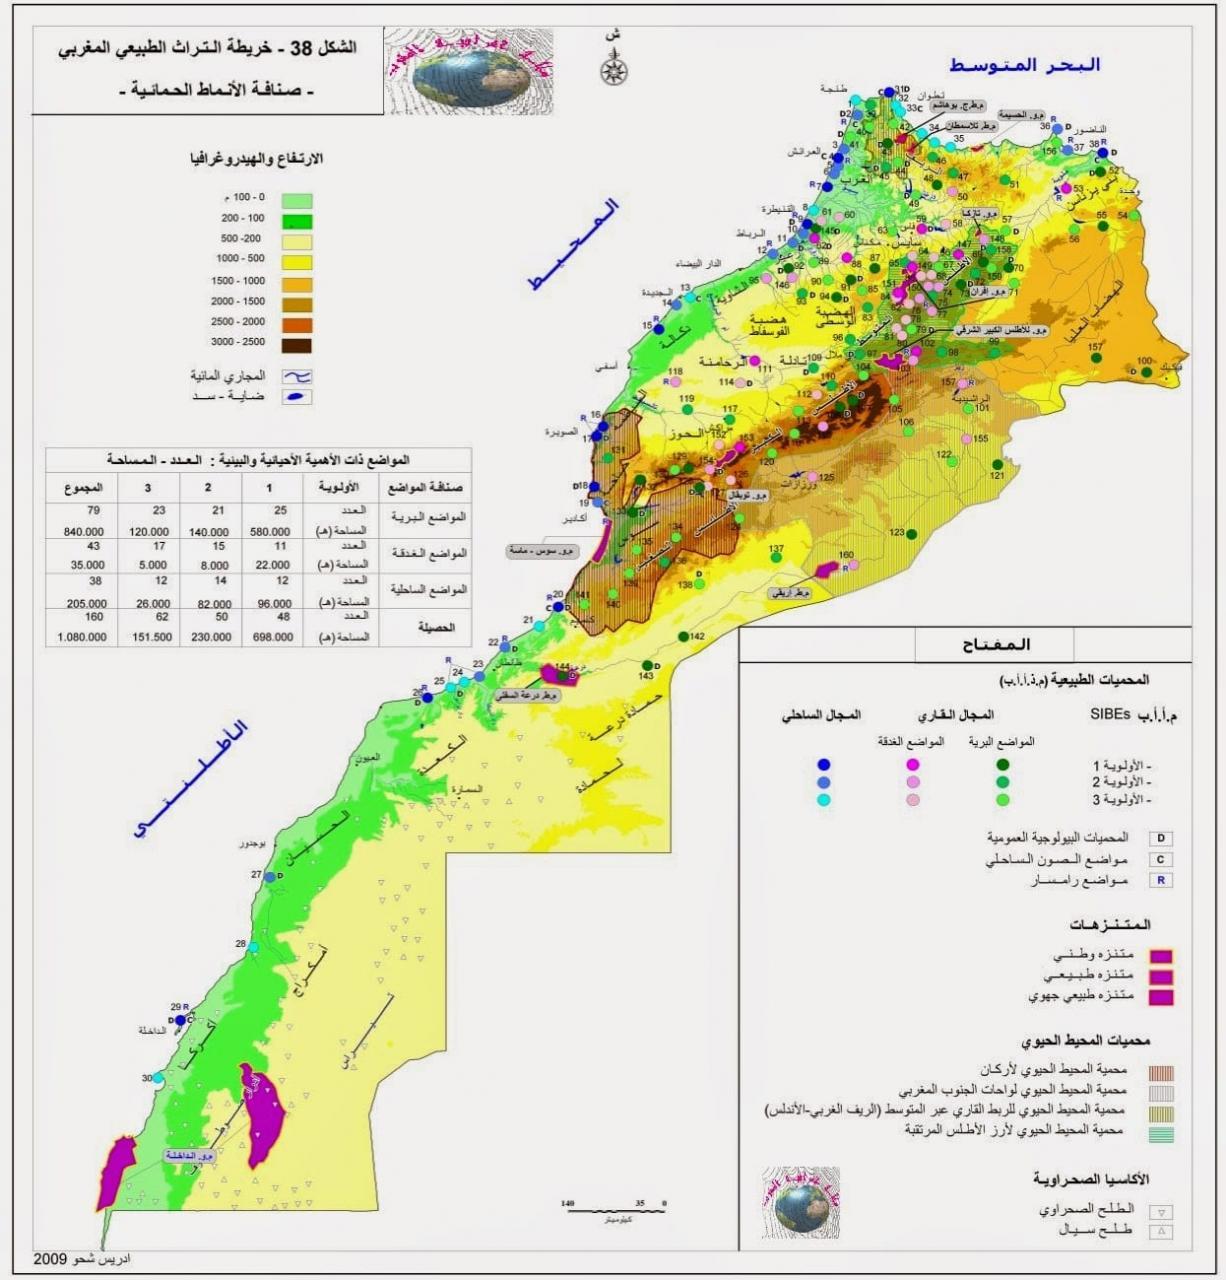 خريطة المغرب الطبيعية